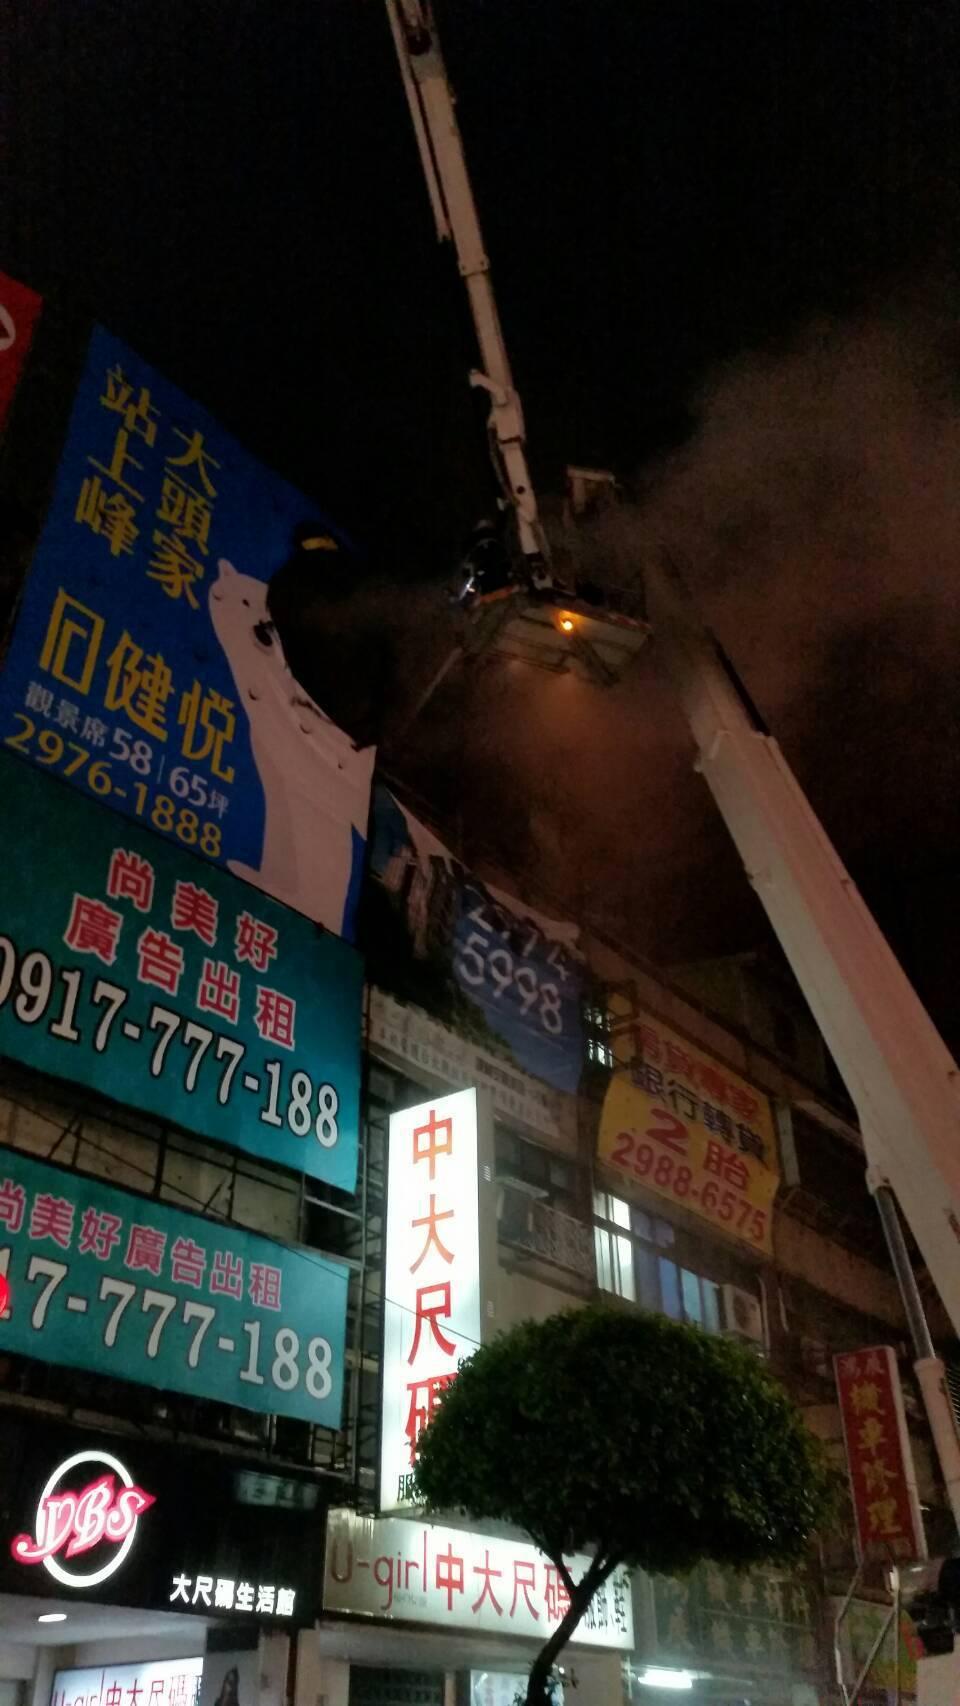 警消人員正在火災現場進行灌救,受困頂樓的5名住戶已順利救下,其中2人遭燒傷送醫。...